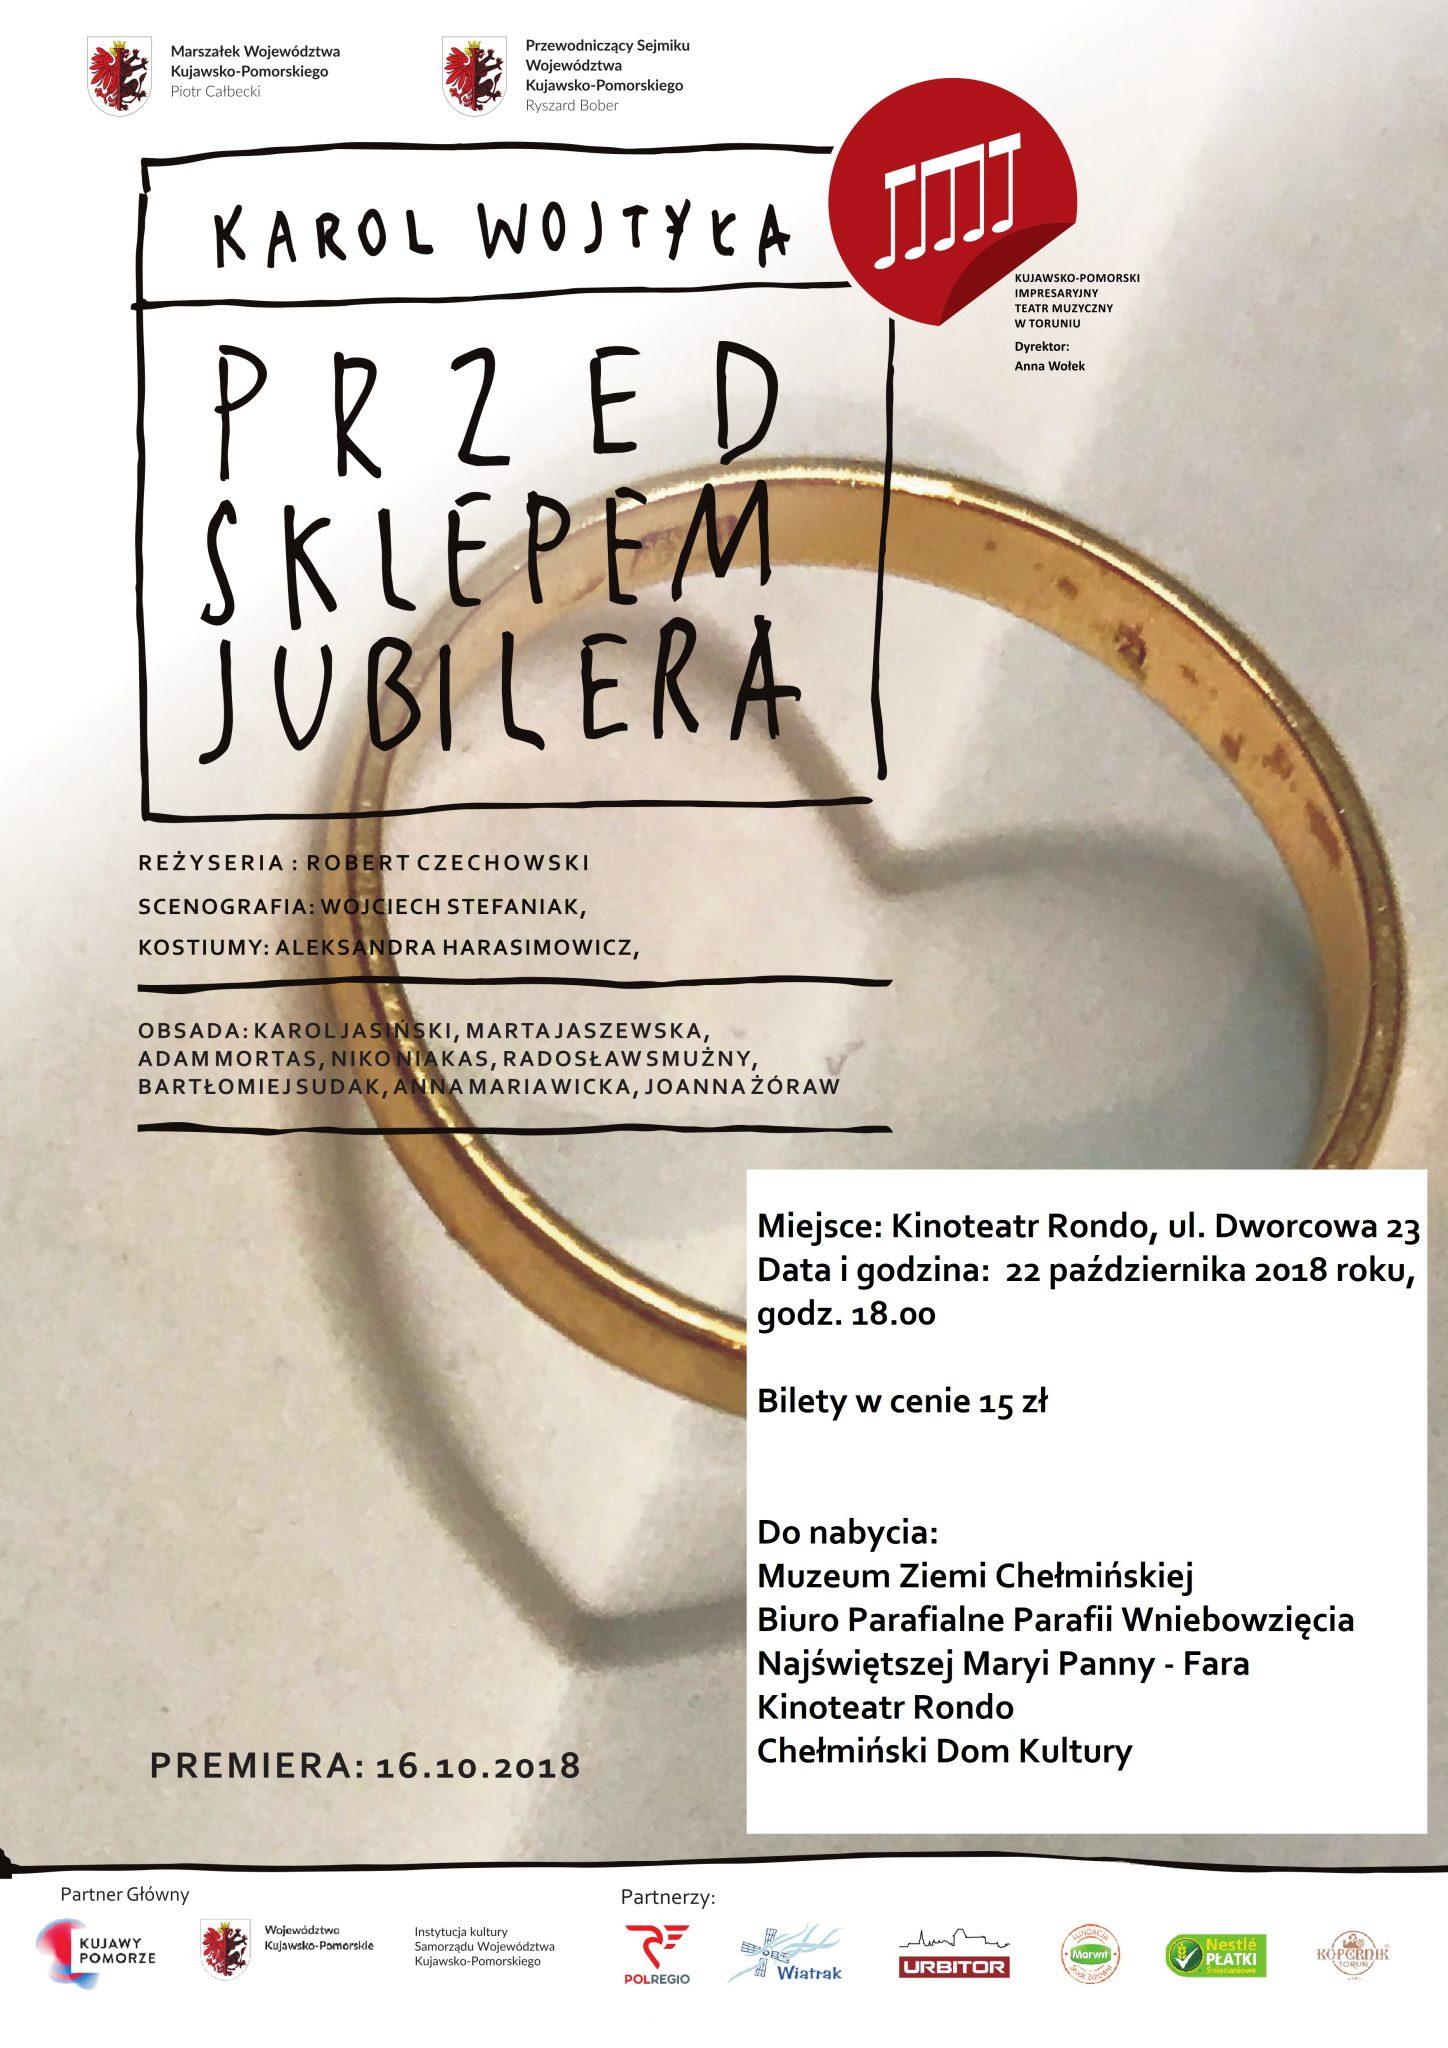 Zapraszamy na spektakl pt. Przed sklepem jubilera, na podstawie dramatu Karola Wojtyły w wykonaniu Teatru Muzycznego, który odbędzie się 22 października 2018 roku w Kinoteatrze RONDO.